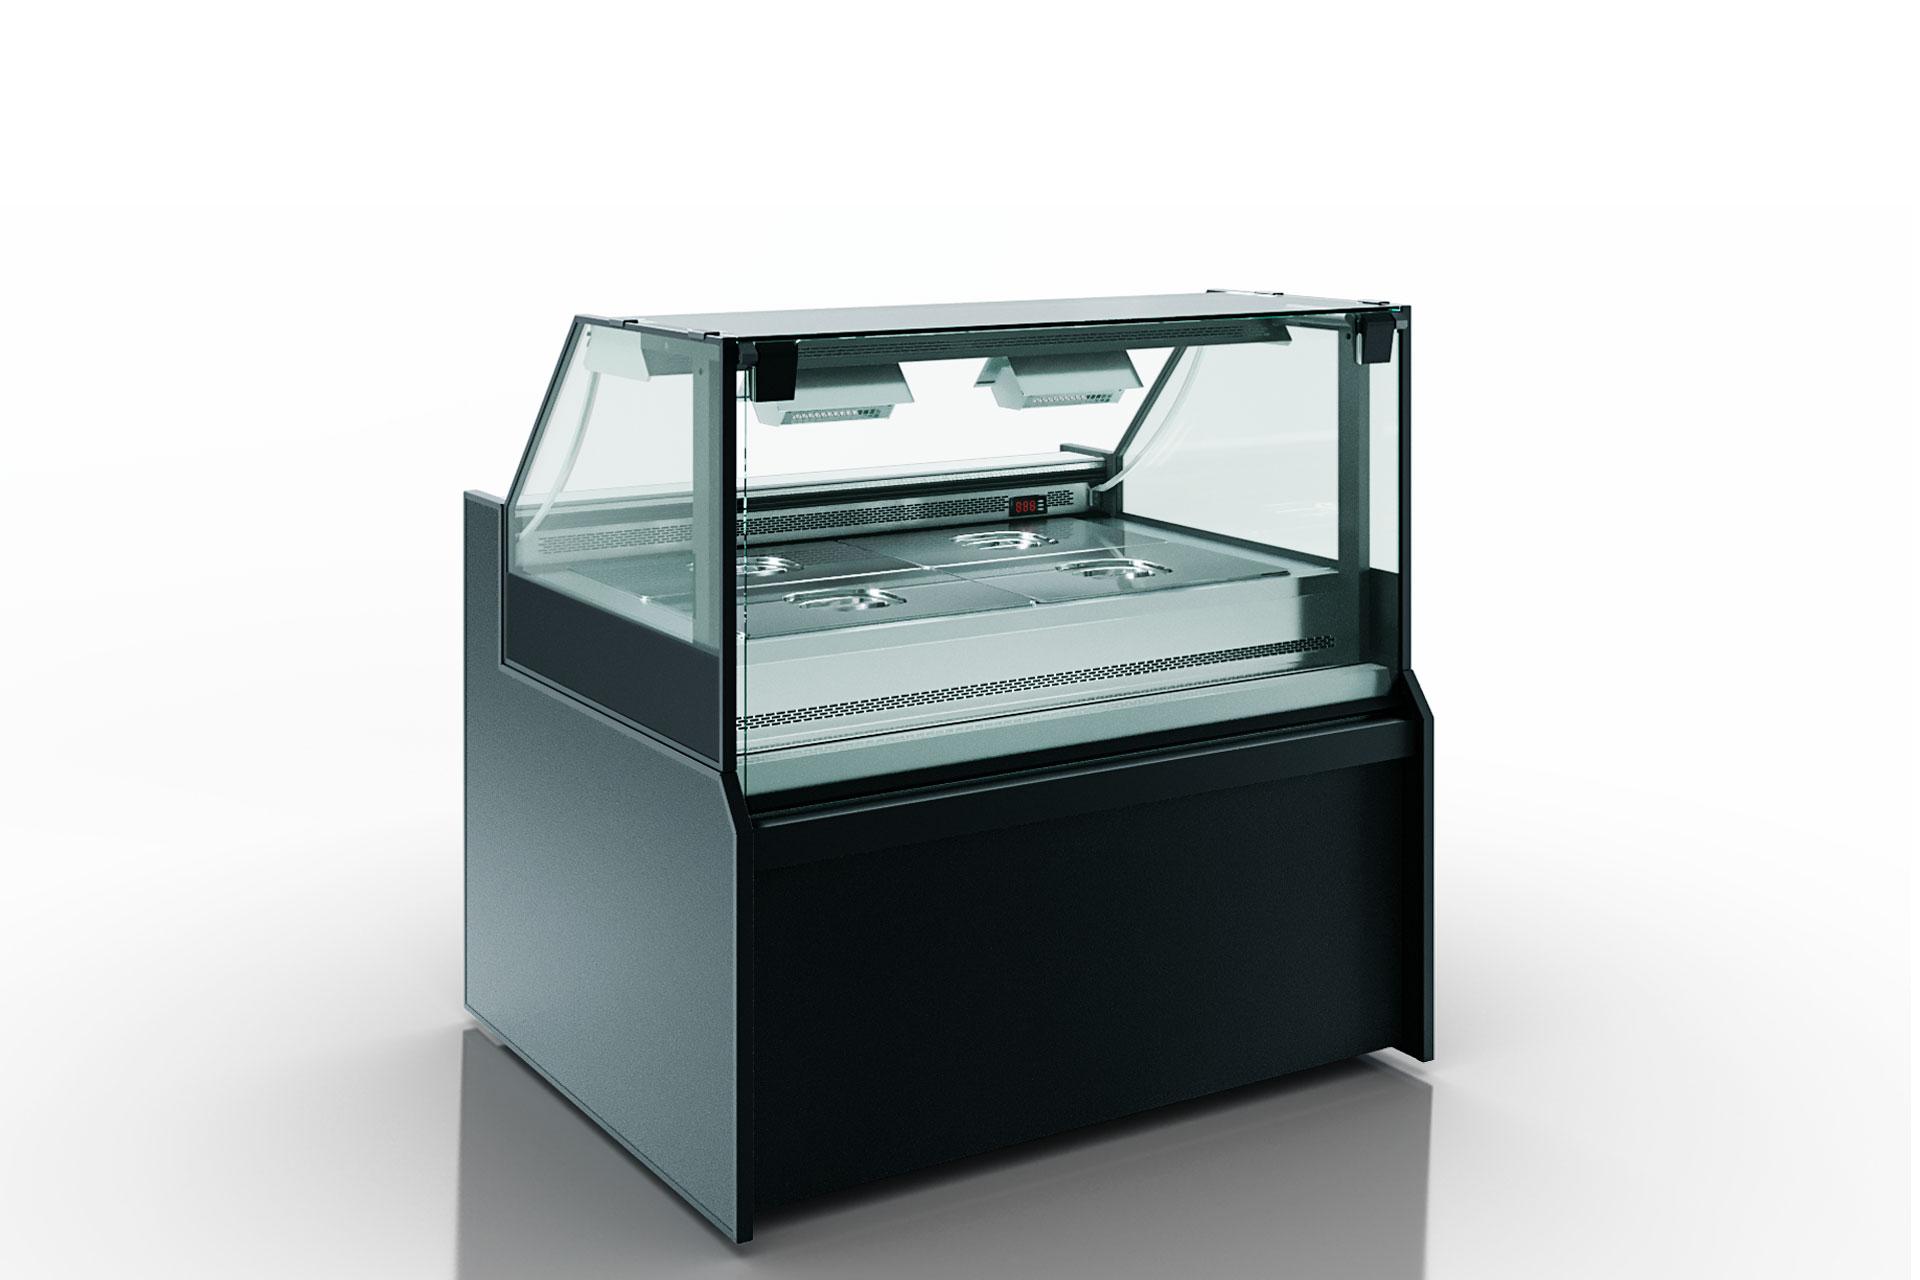 Холодильна вітрина Missouri NC 100 heat BM PS 130